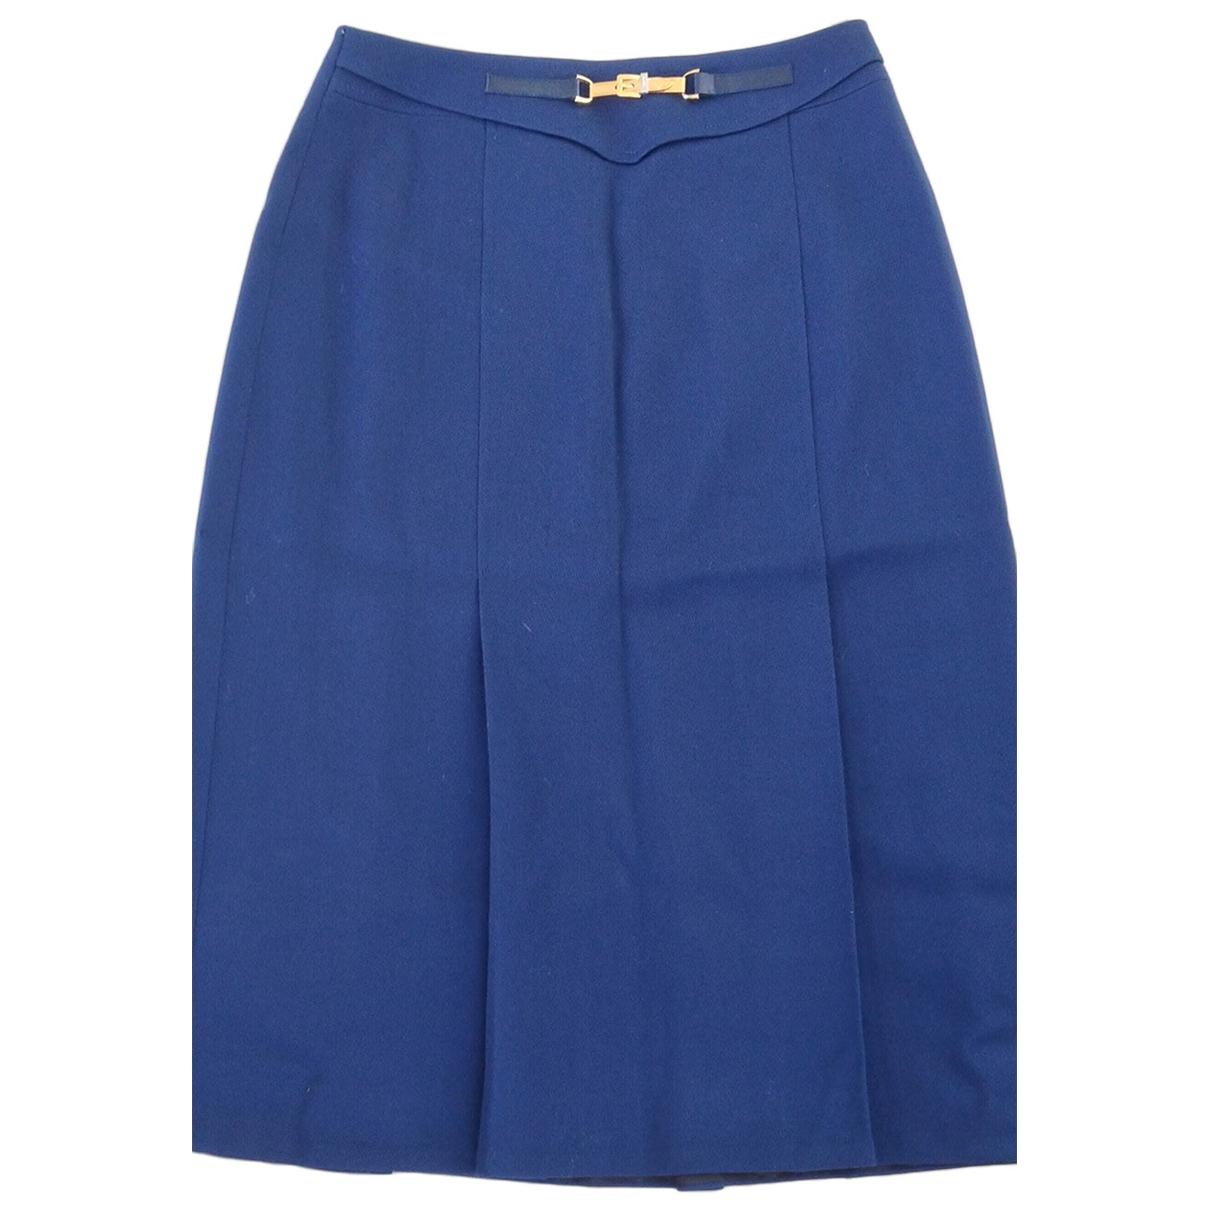 Celine \N Blue Leather skirt for Women 40 FR